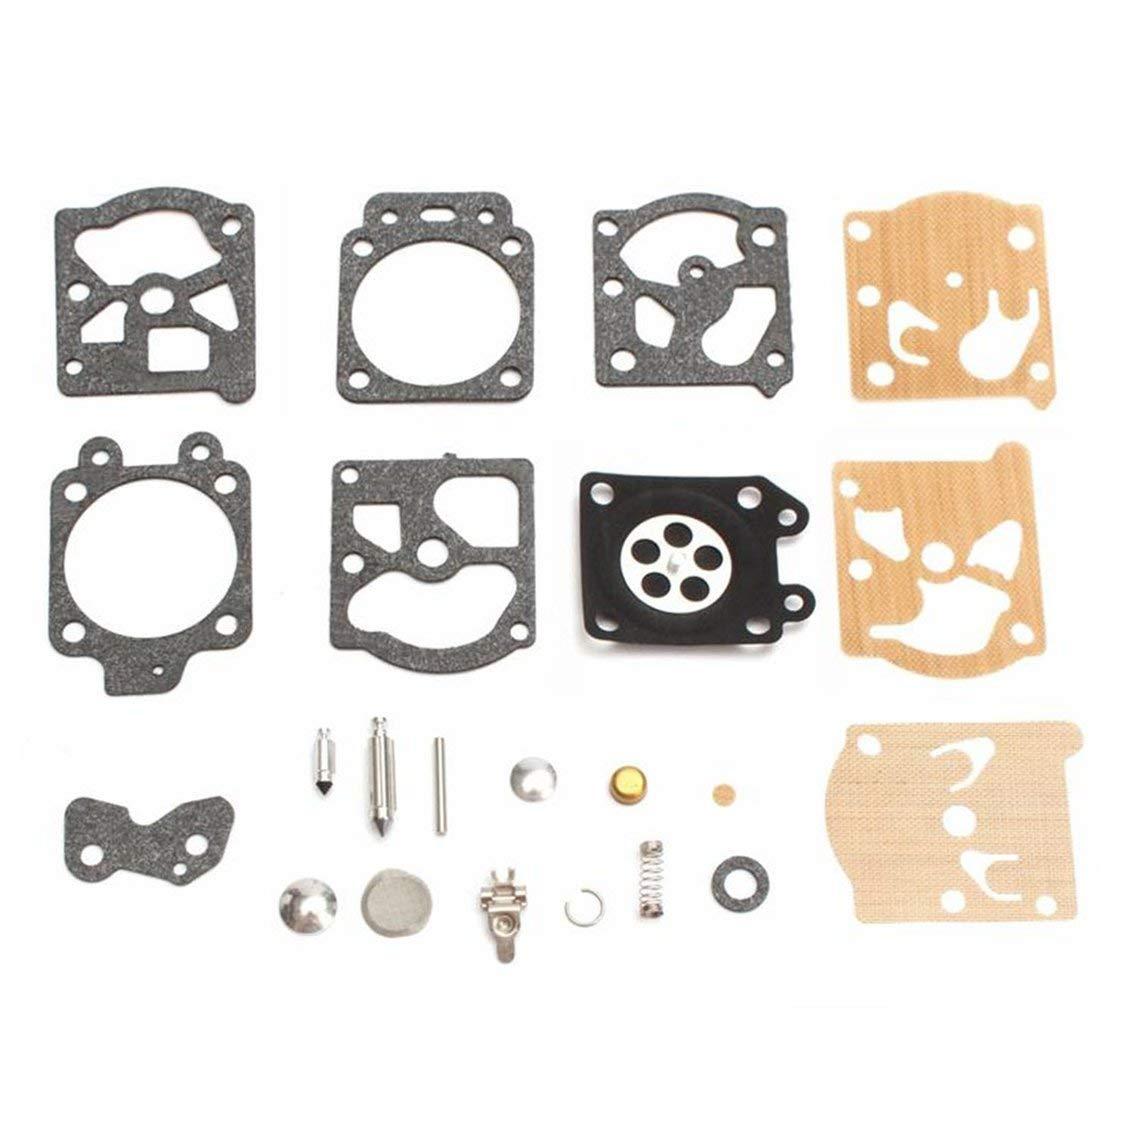 Mazur K20-WAT kit de réparation de carburateur Outil de Reconstruction Ensemble de Joints d'étanchéité pour Accessoires de Moto Walbro Carburant carburateur Alimentation (mélange de Couleurs)